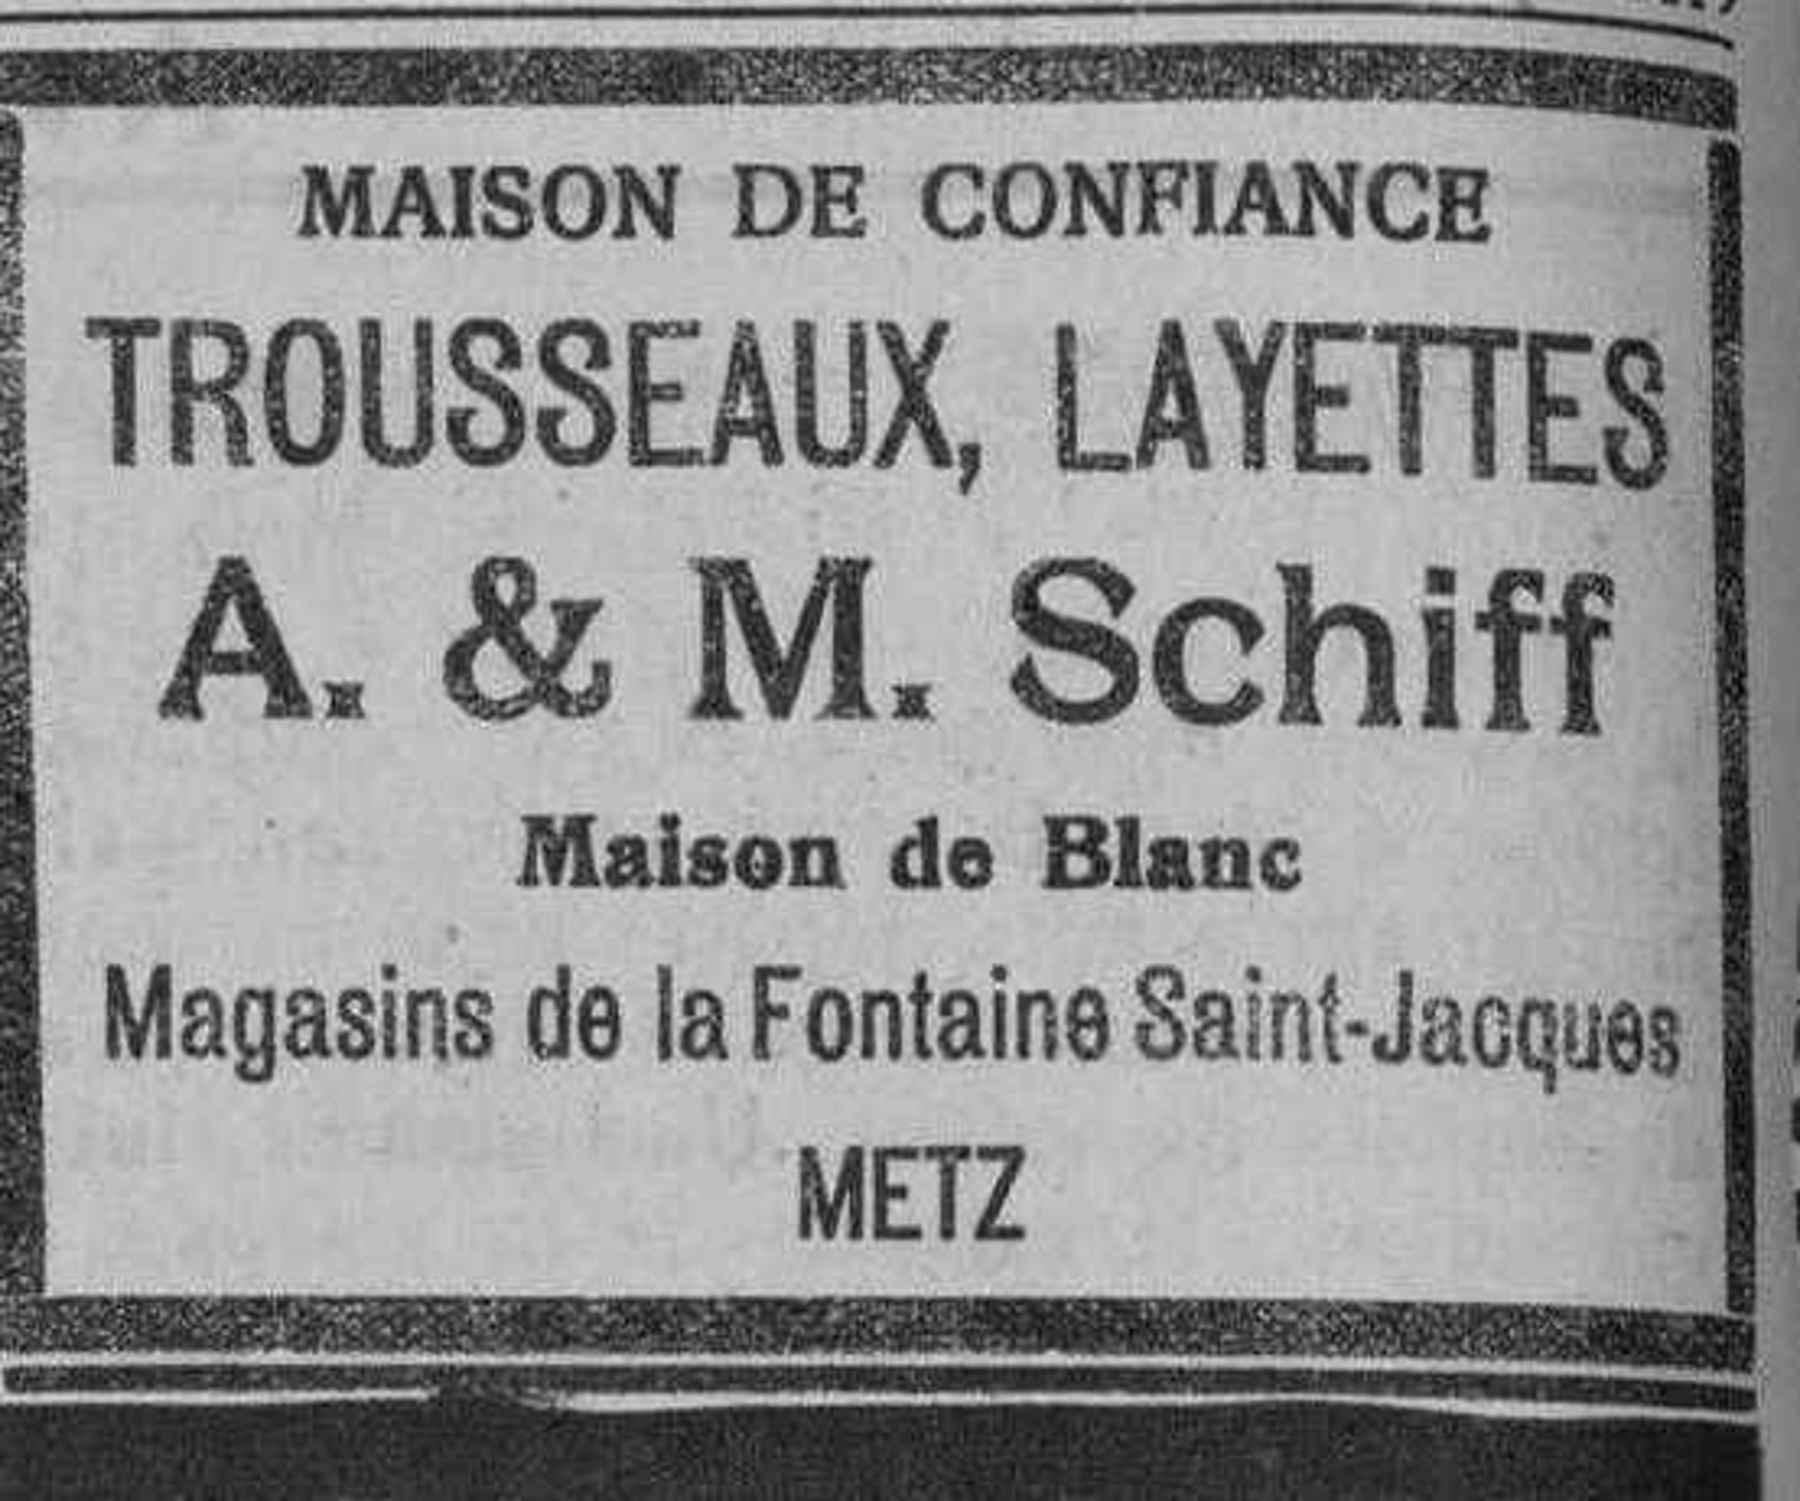 Contenu du A. & M. Schiff. Trousseaux et Layettes